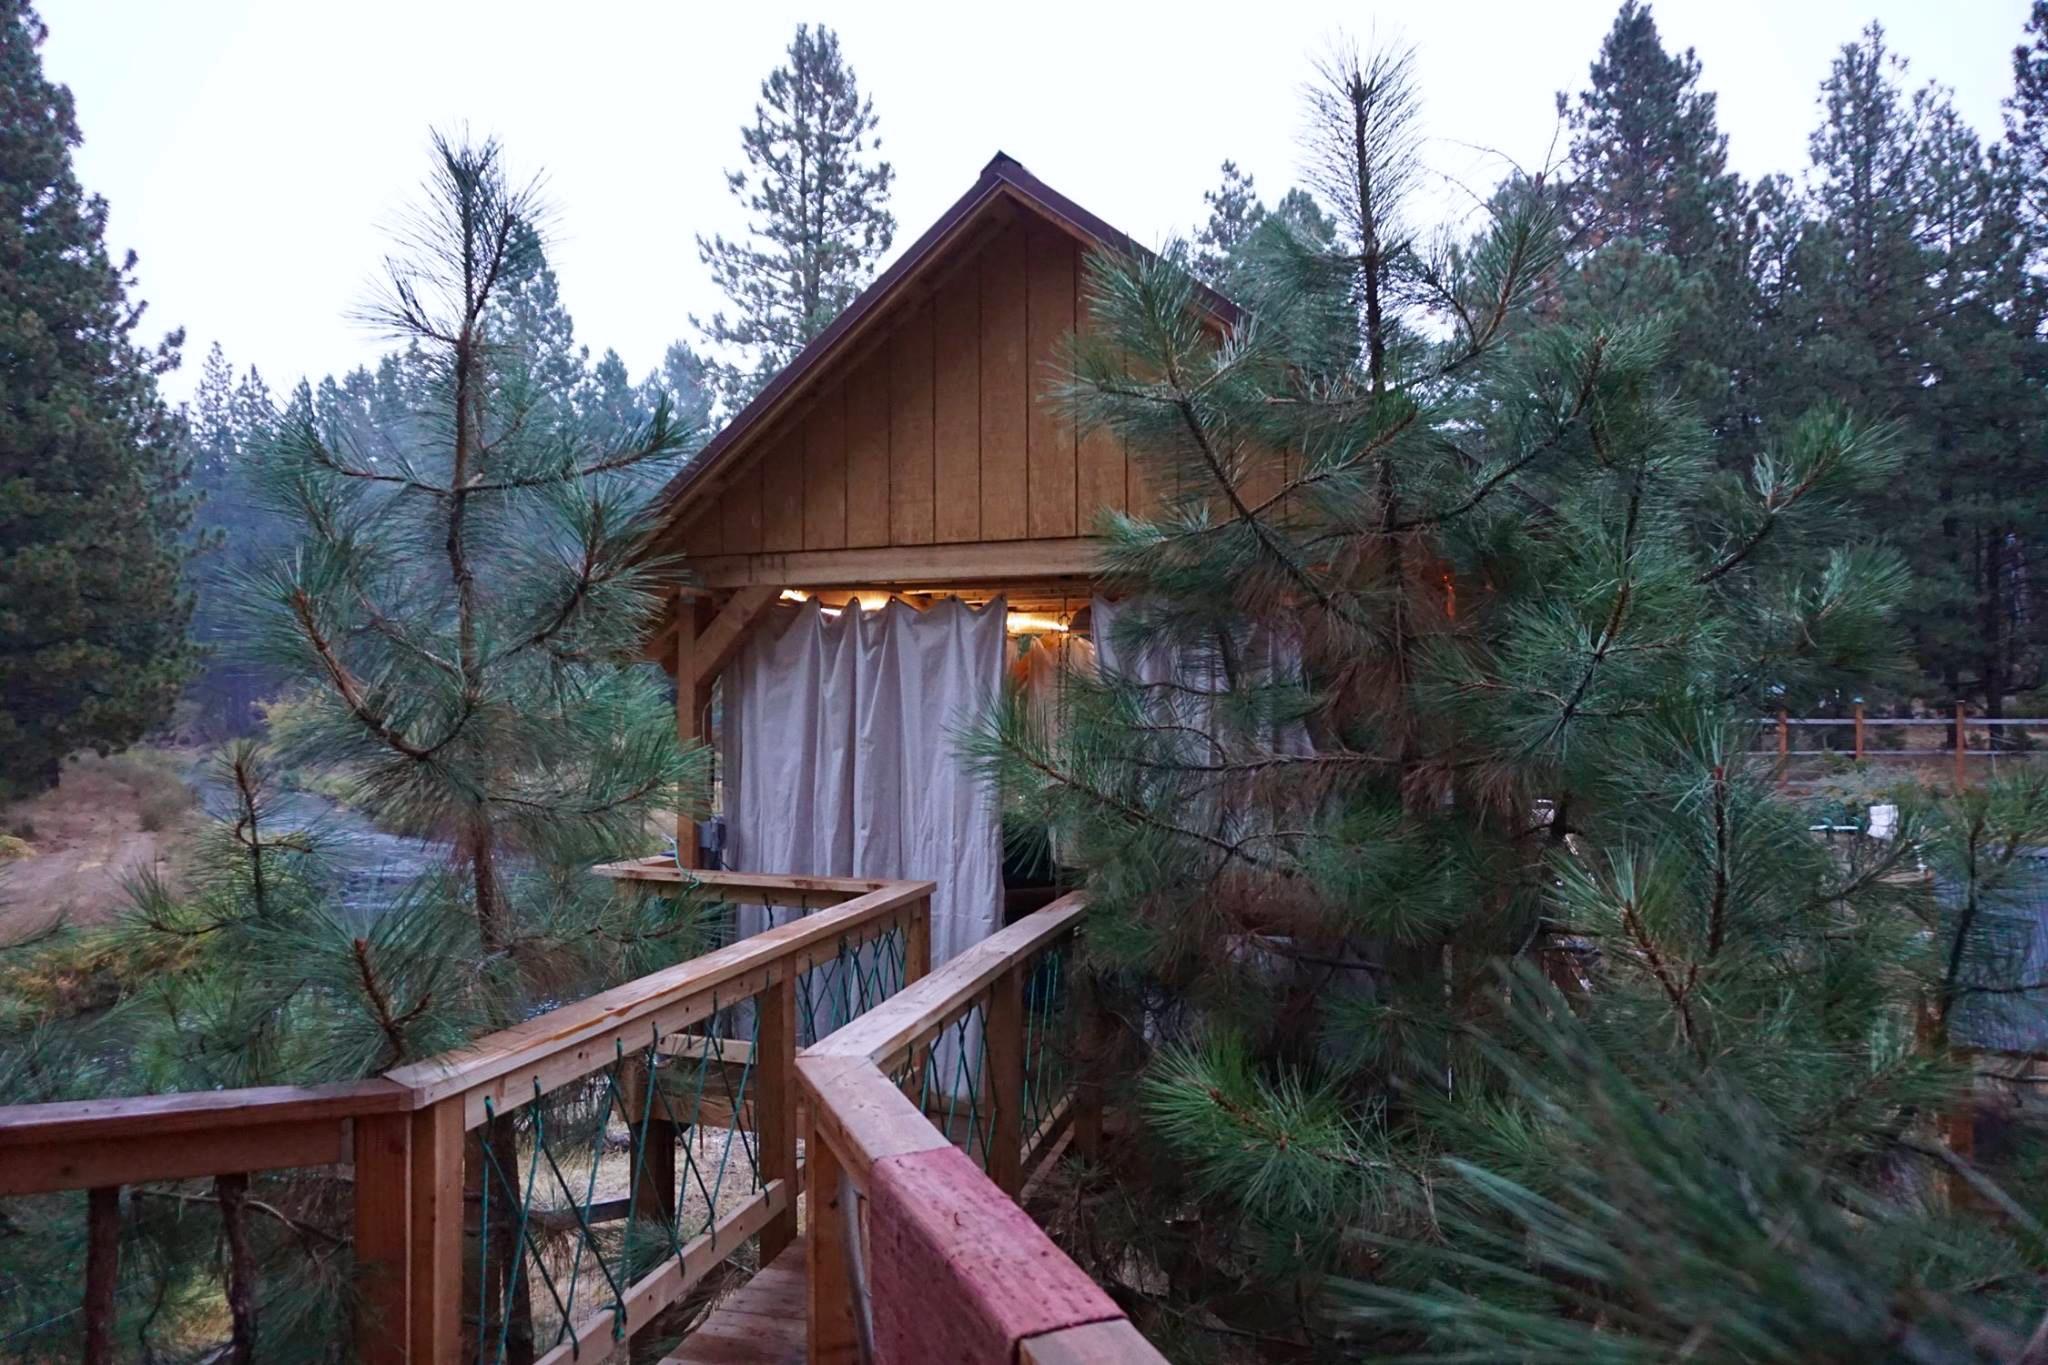 TREEHOUSE LIVING IN BEND, OREGON - STRAYNGER RANGER